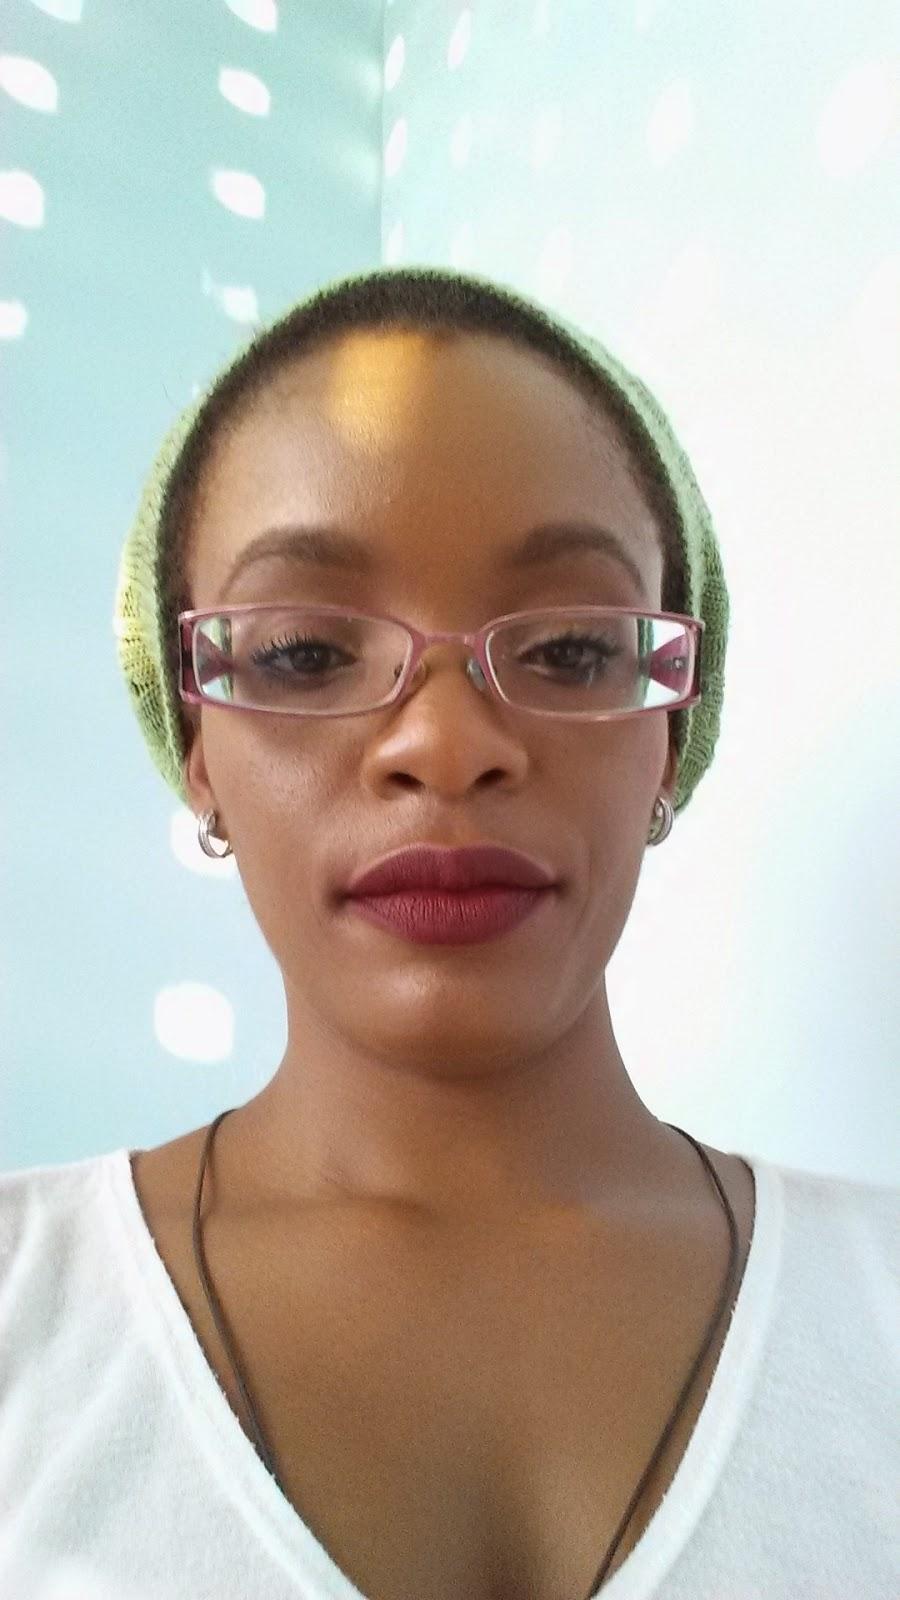 Pretty Zombie Cosmetics 'Dahlia' lip swatch www.modenmakeup.com